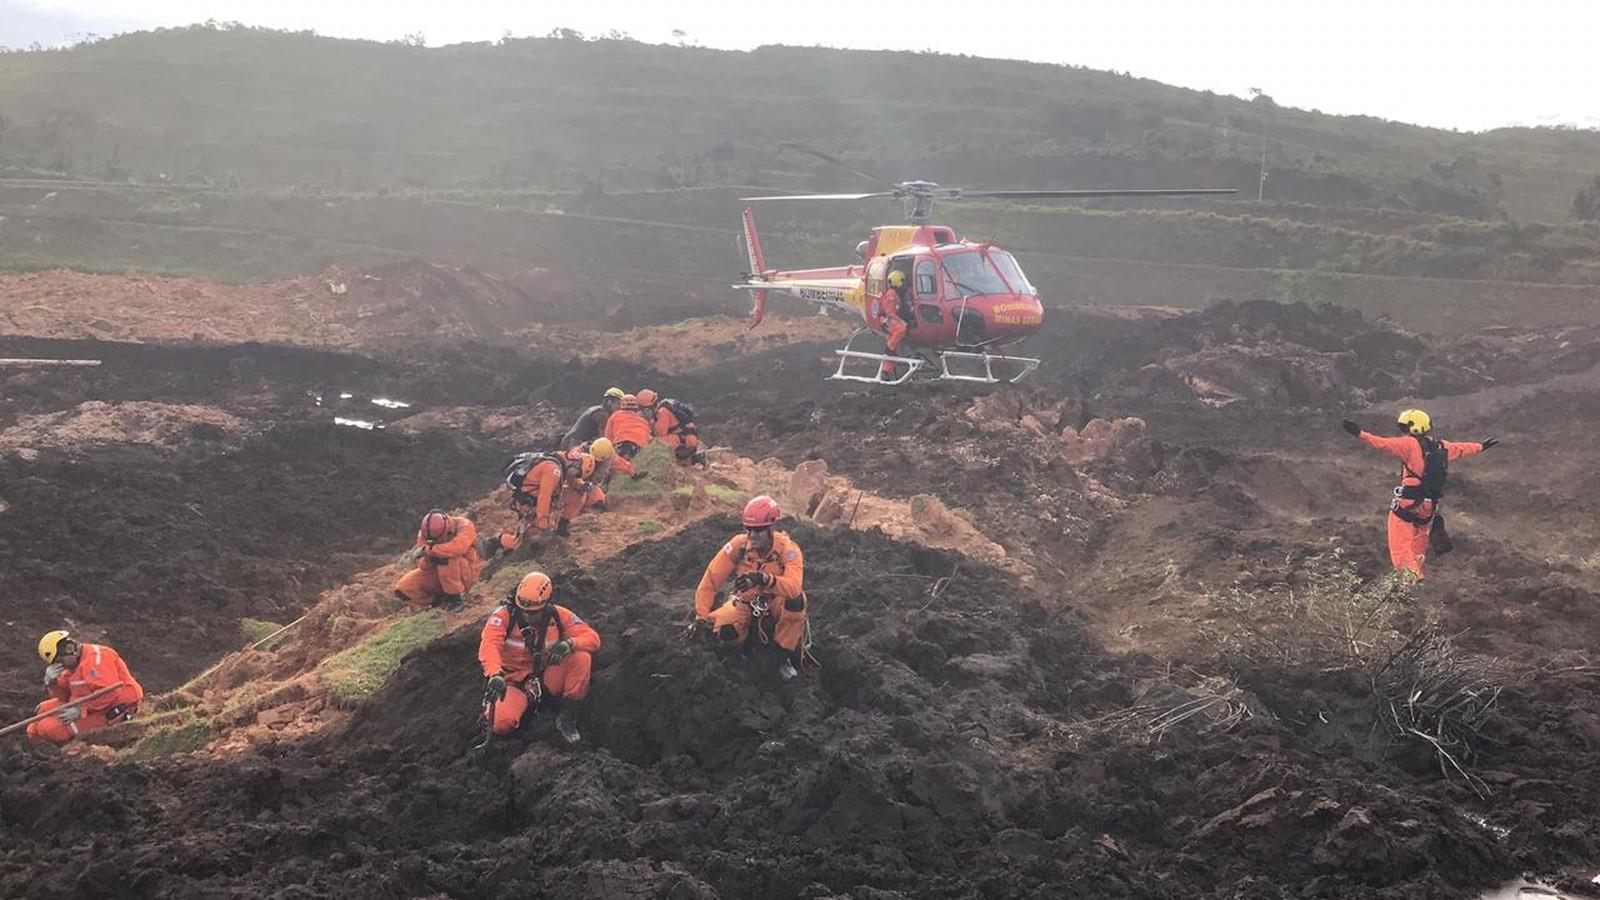 A Vale informou sobre o acidente à Secretaria do Estado de Meio-Ambiente às  13h37. Os rejeitos atingiram a área administrativa da companhia b9e96d28e7288